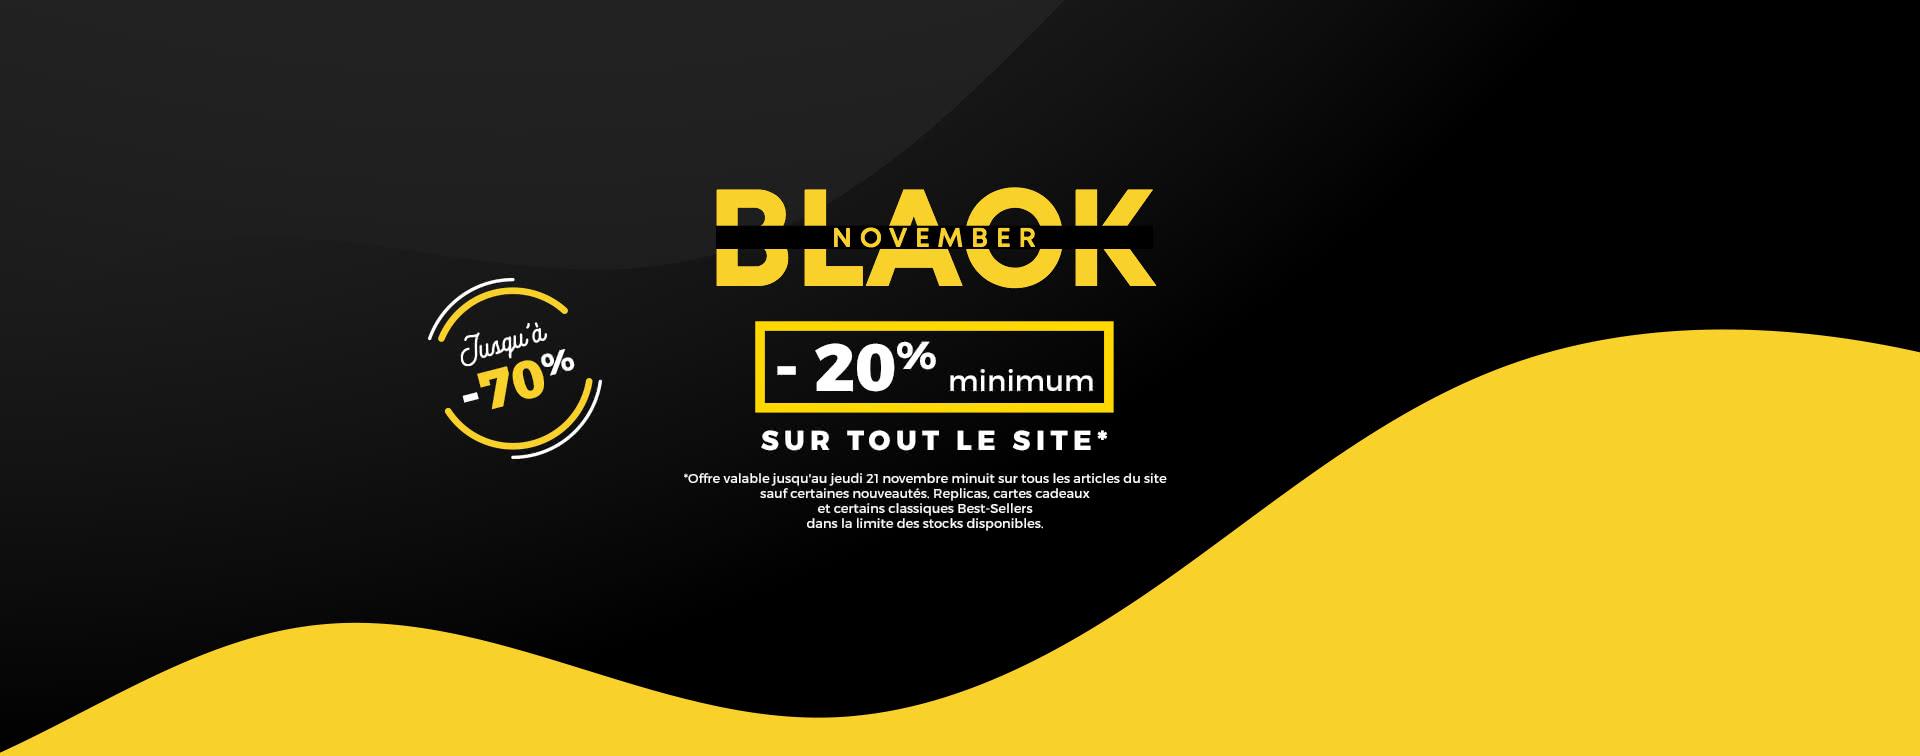 Black November jusqu'à -70%